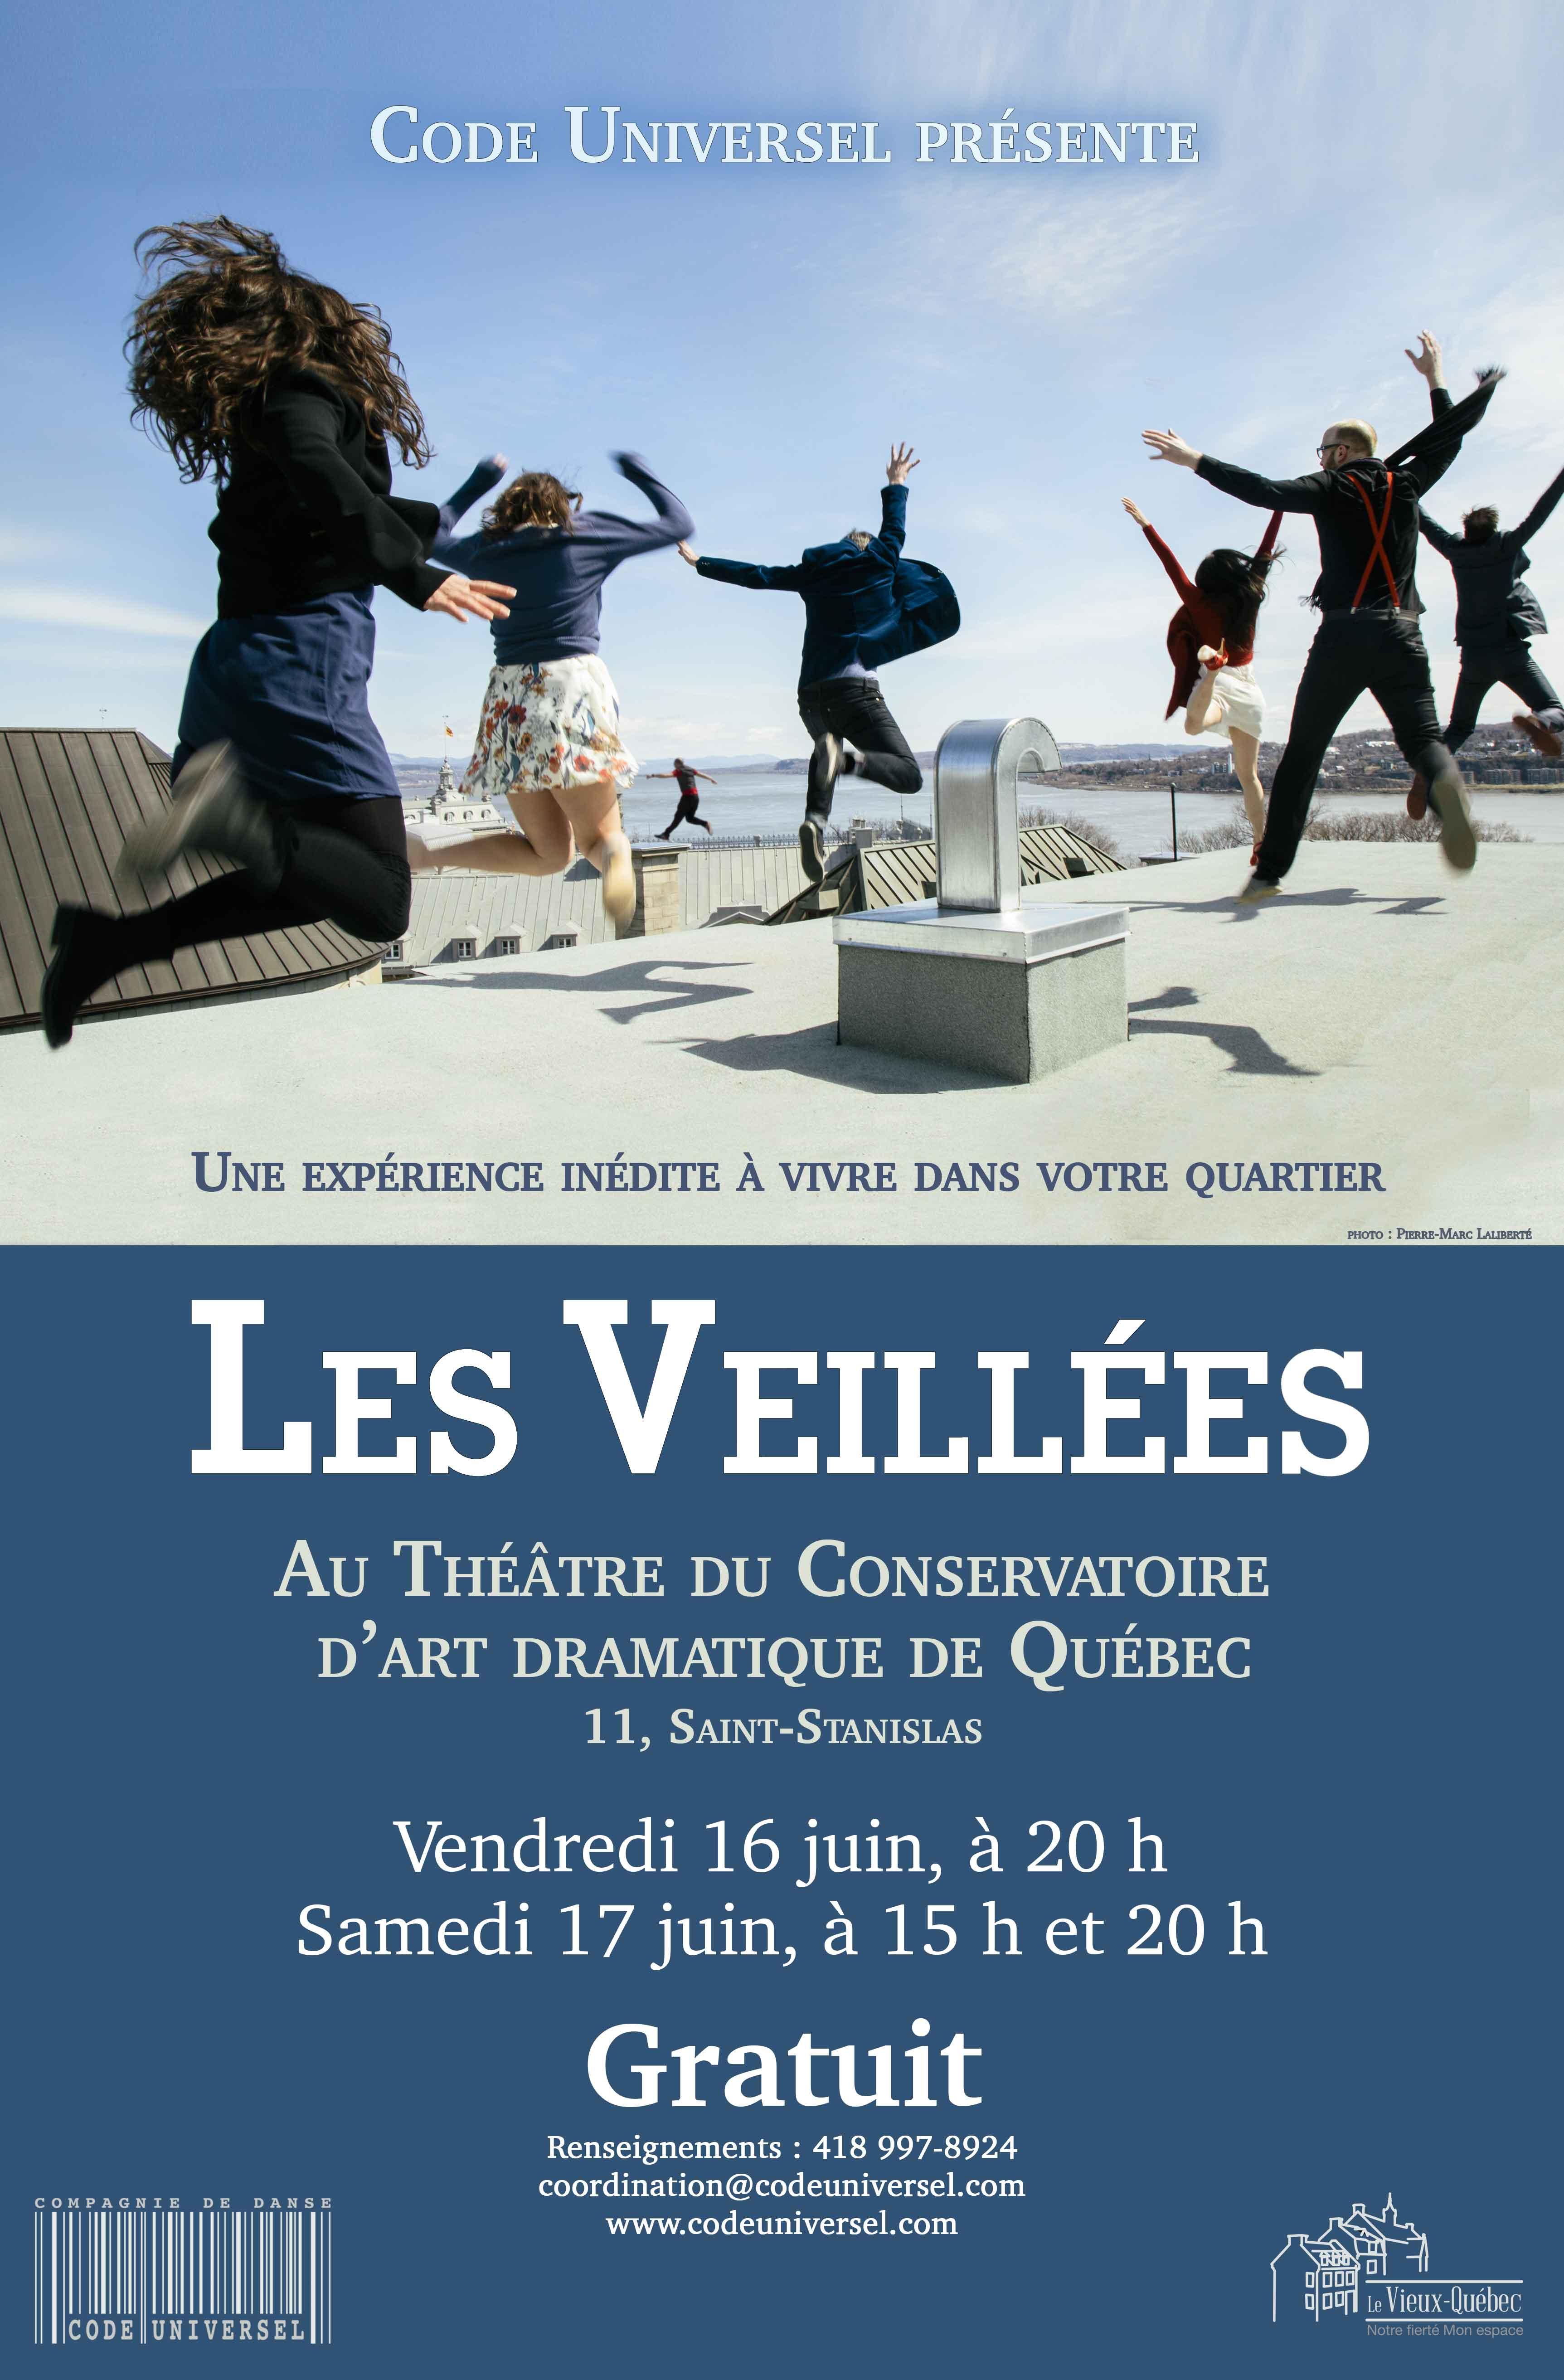 Les Veillées débarquent dans le Vieux-Québec !